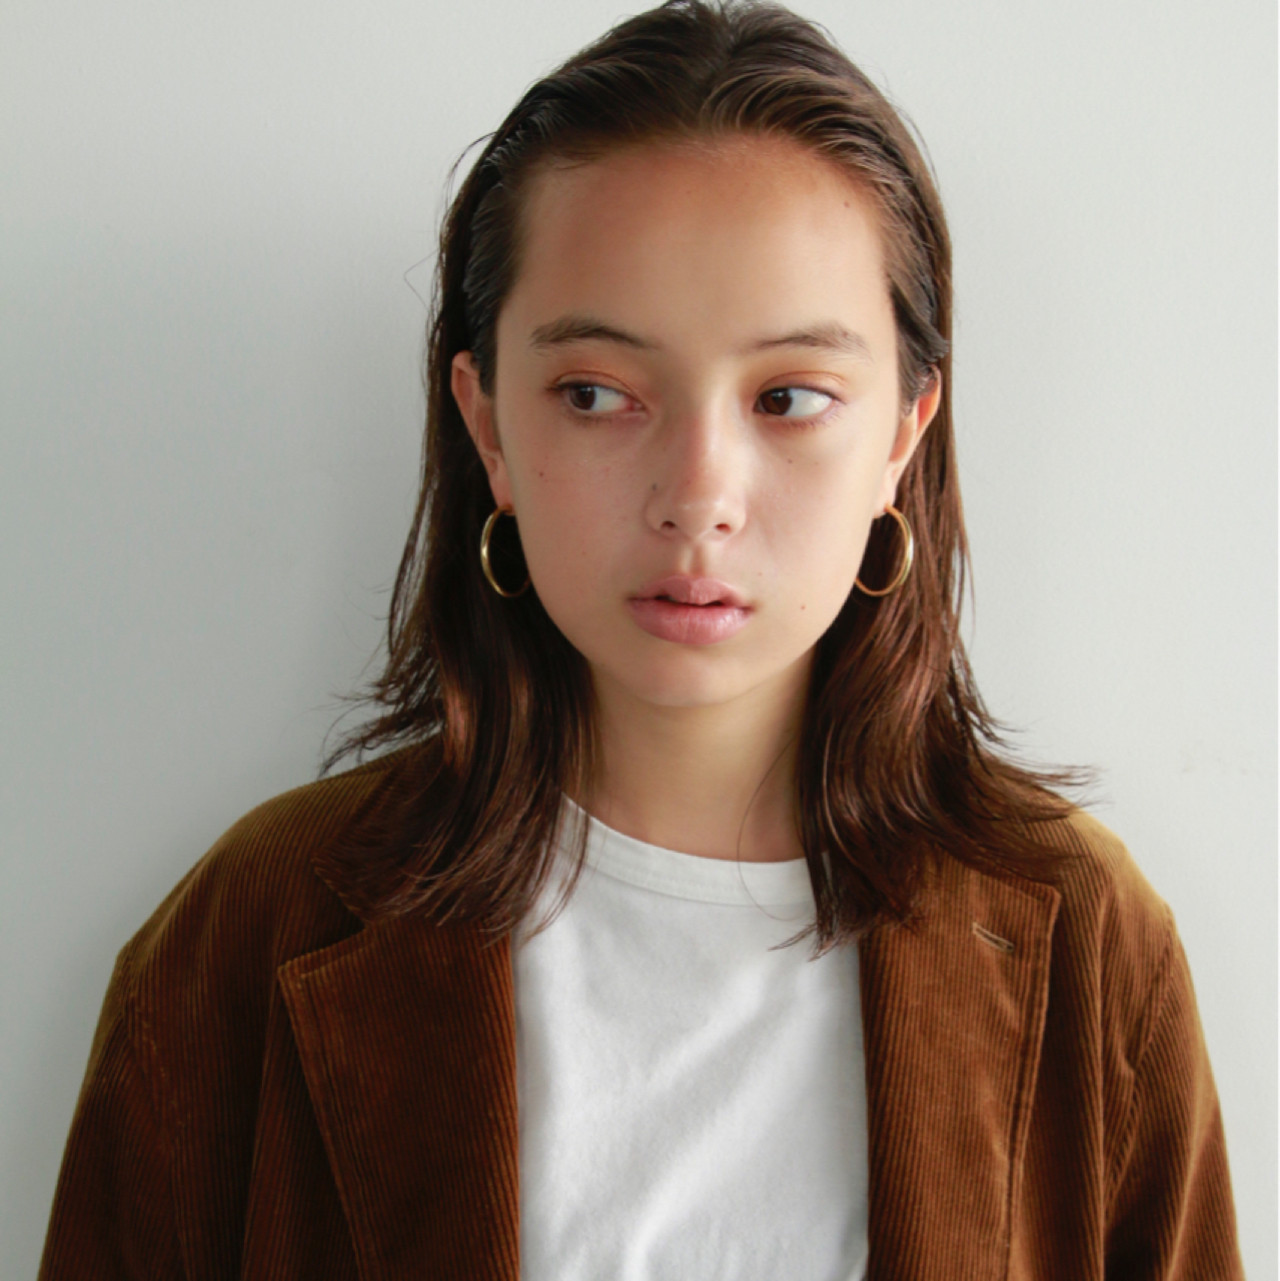 オールバック ゆるふわ ヘアアレンジ ミディアム ヘアスタイルや髪型の写真・画像